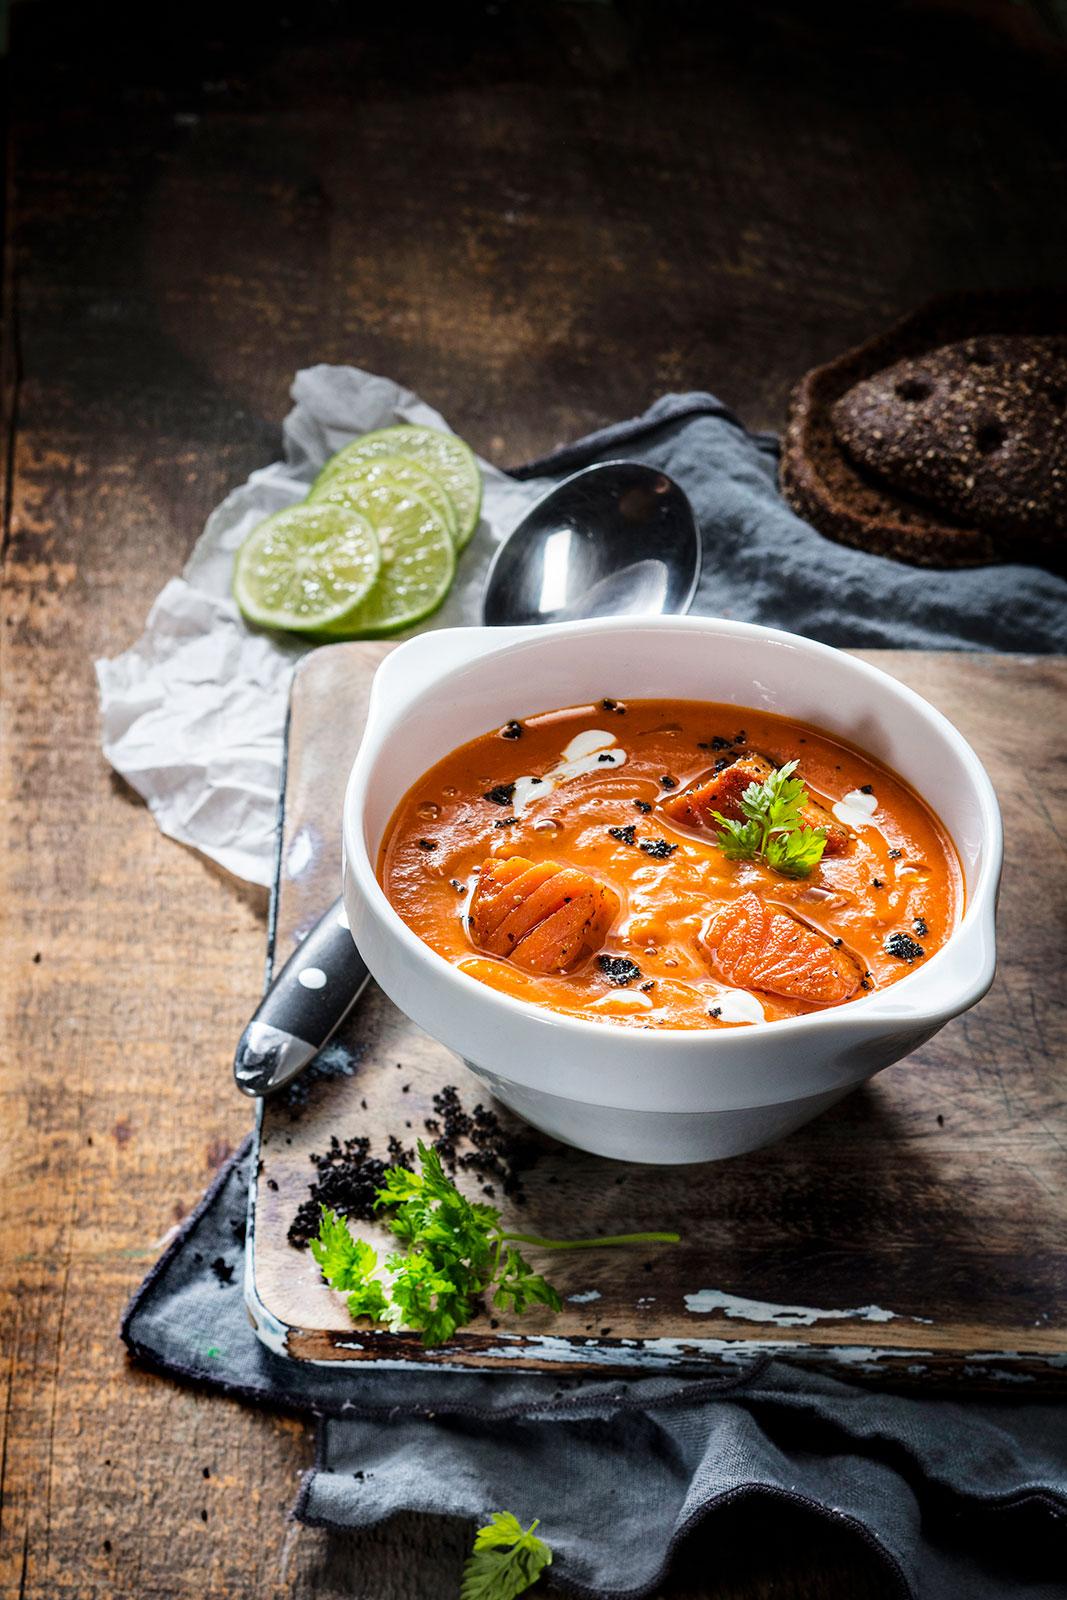 Картинки с супом красивые для меню, картинки прикольные картинки